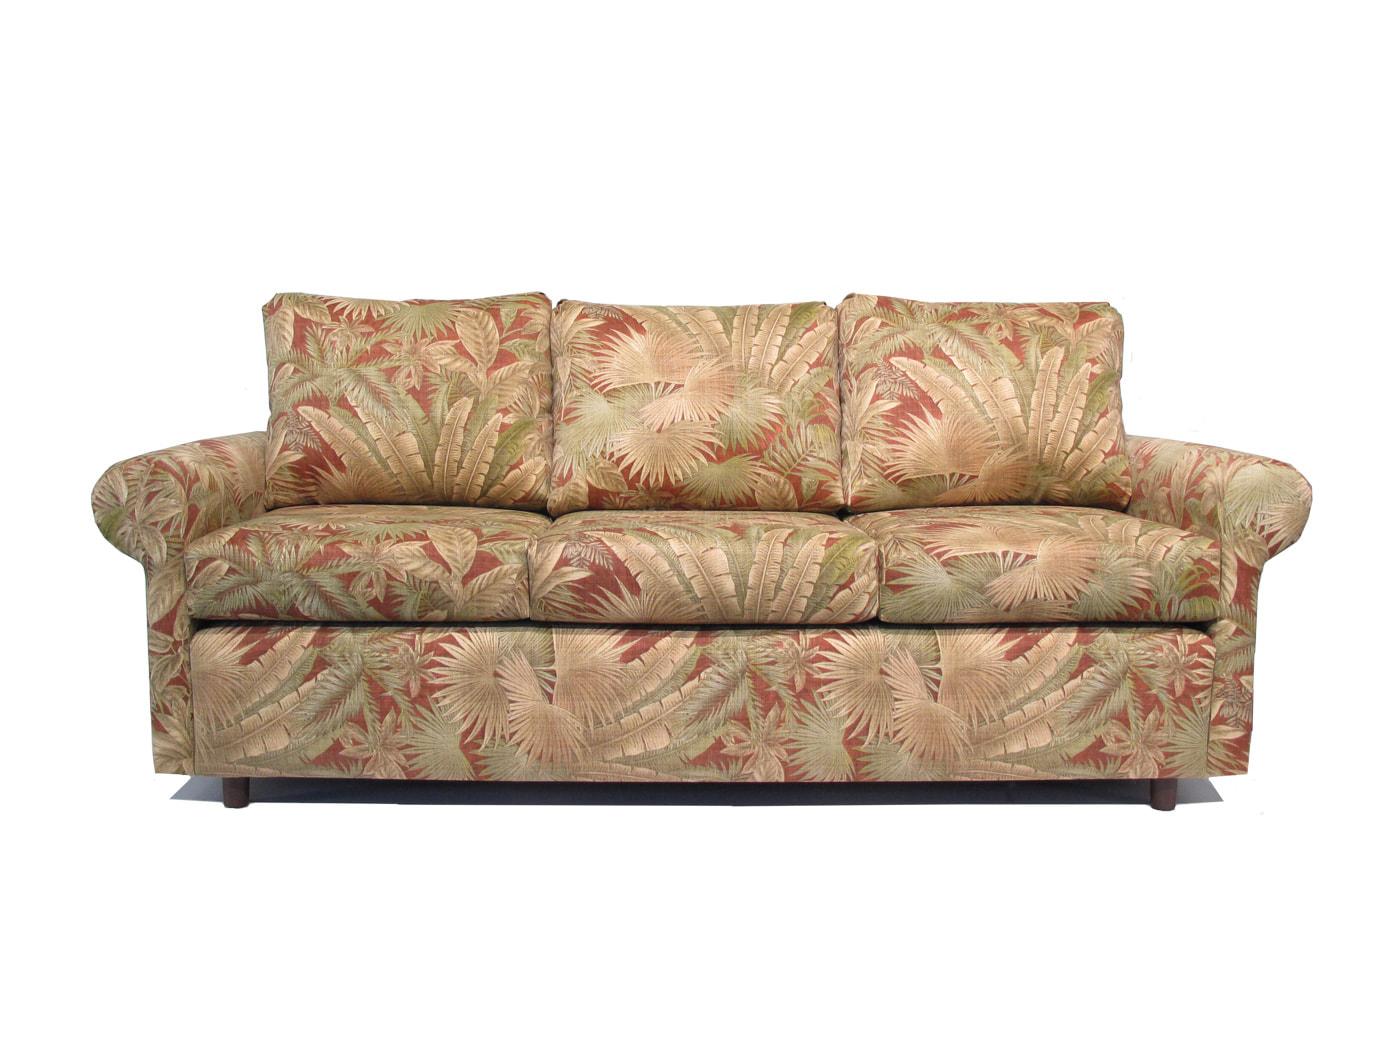 Island Sofa Sleeper